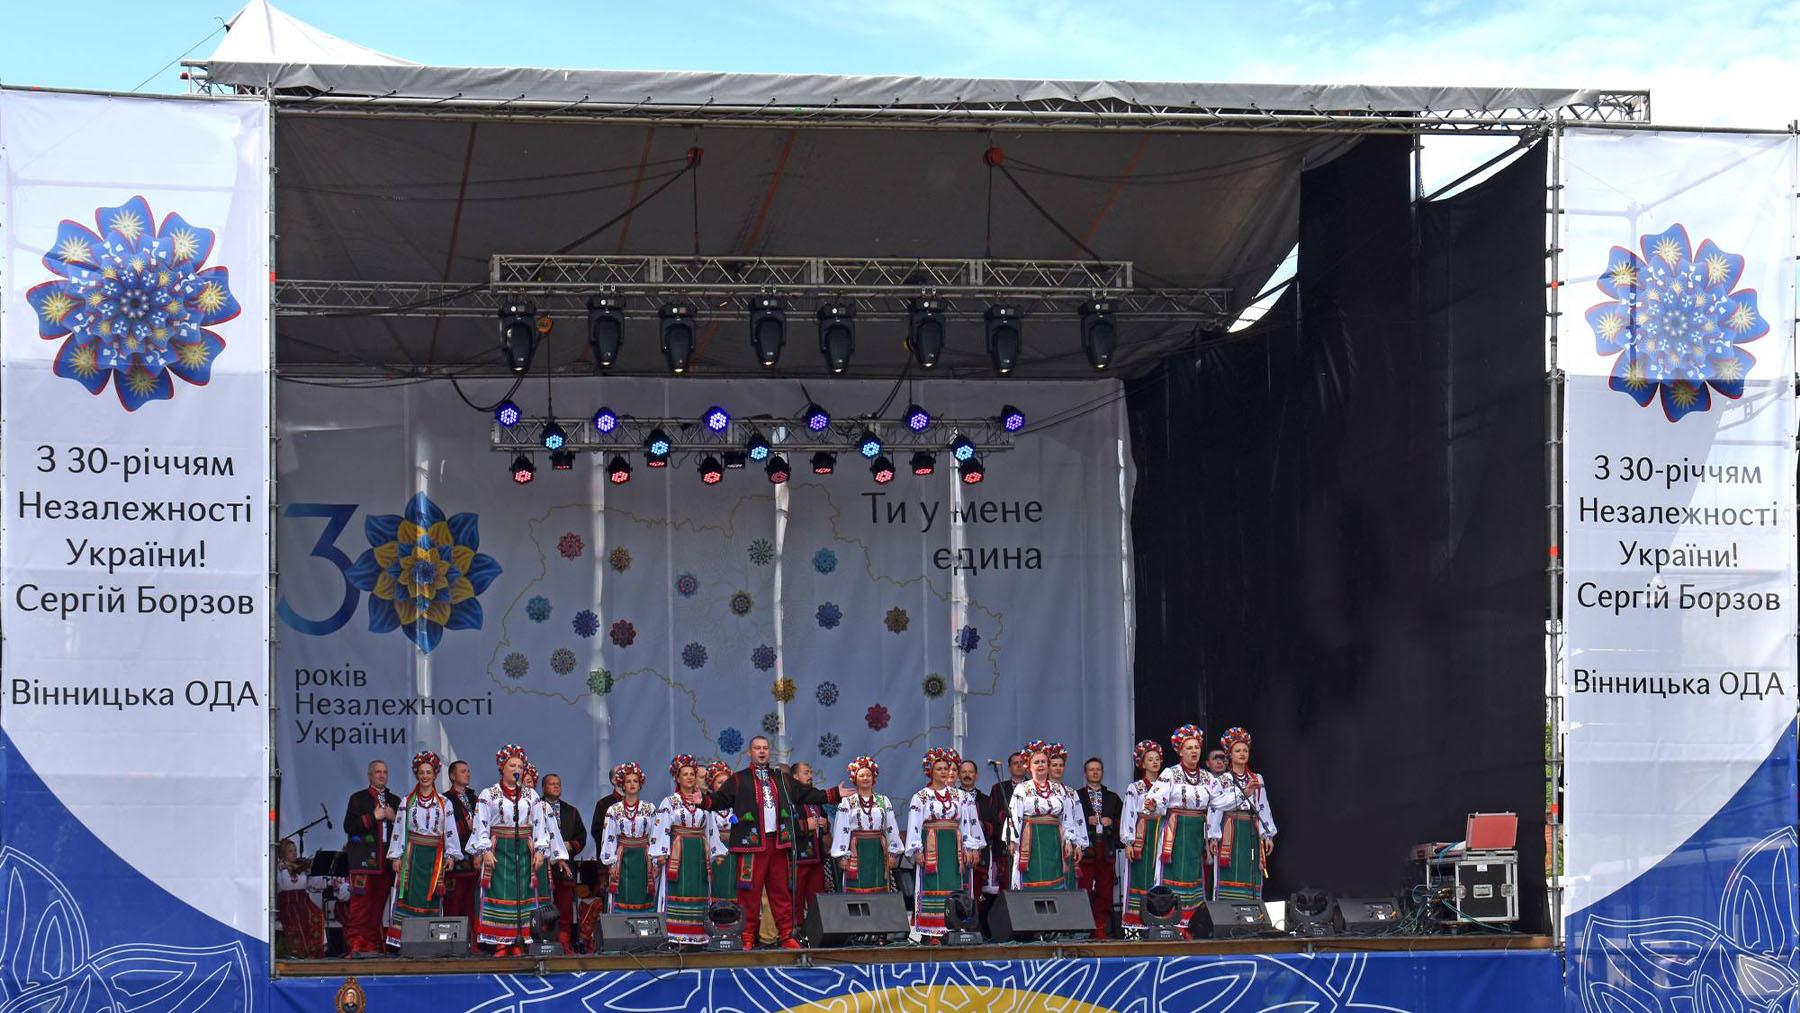 Ансамбль ПОДІЛЛЯ на фестивалі Гната Танцюри